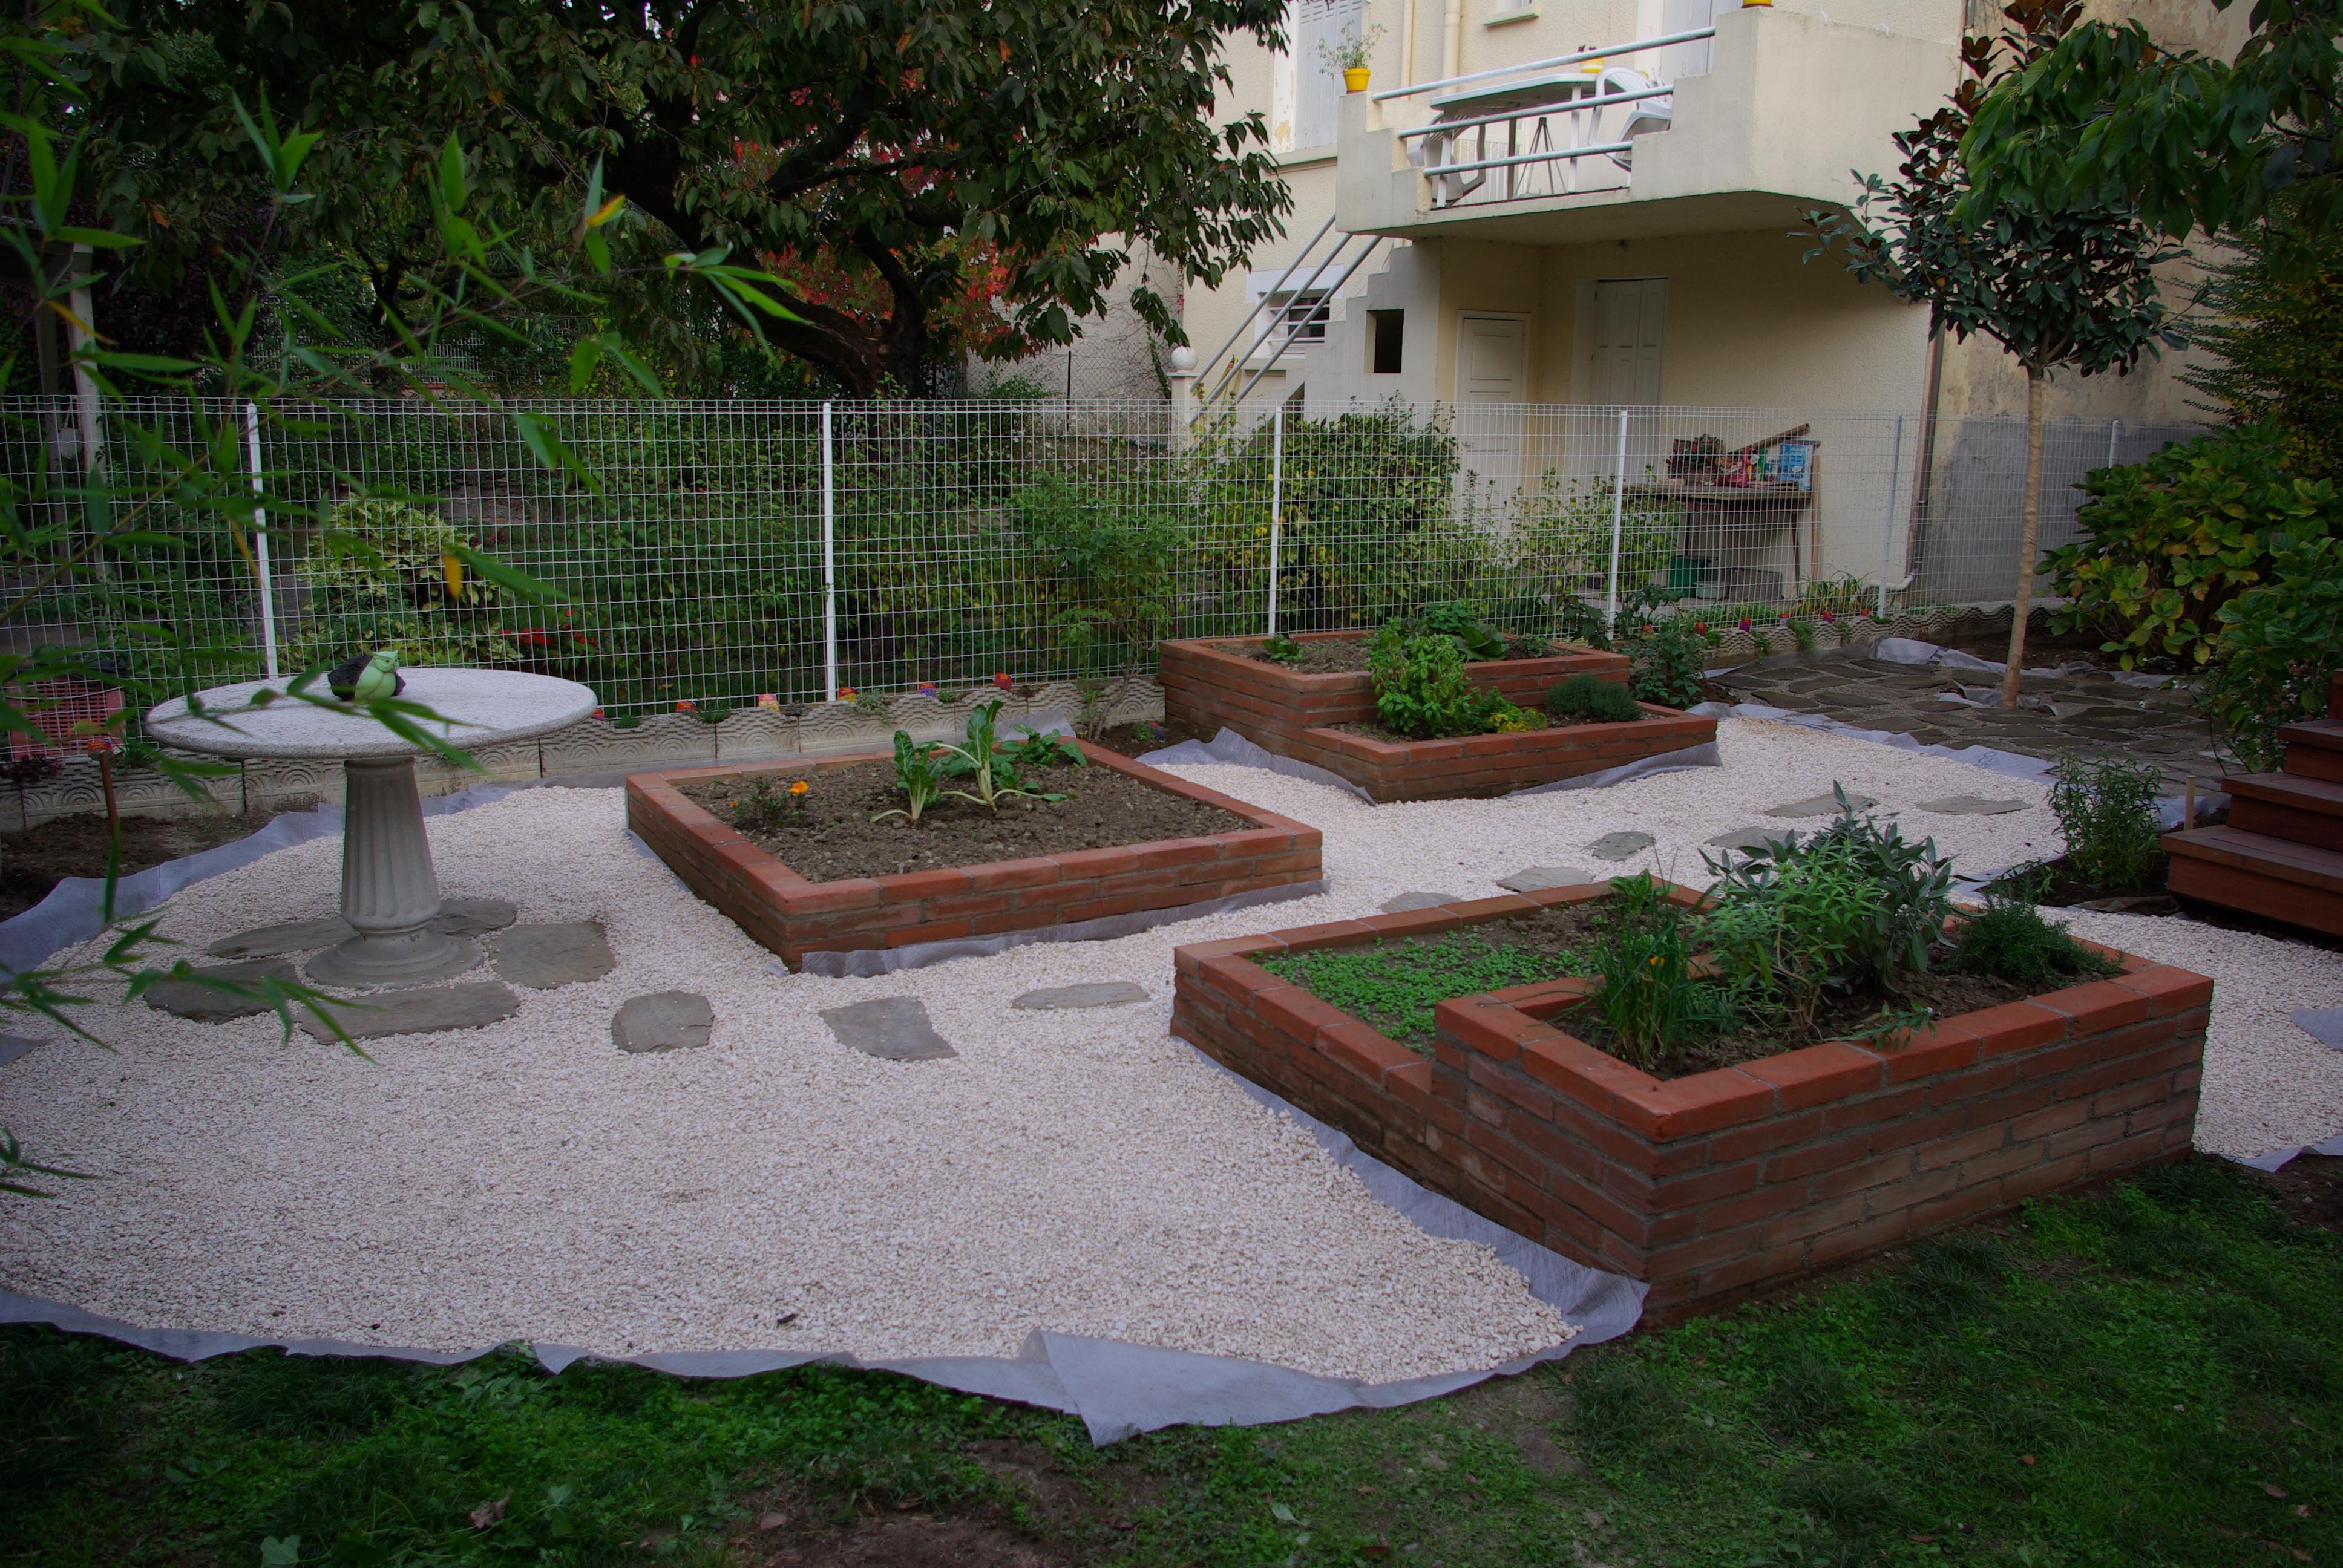 Exemple de maçonnerie paysagère avec un jardin minéral avec des murets en brique